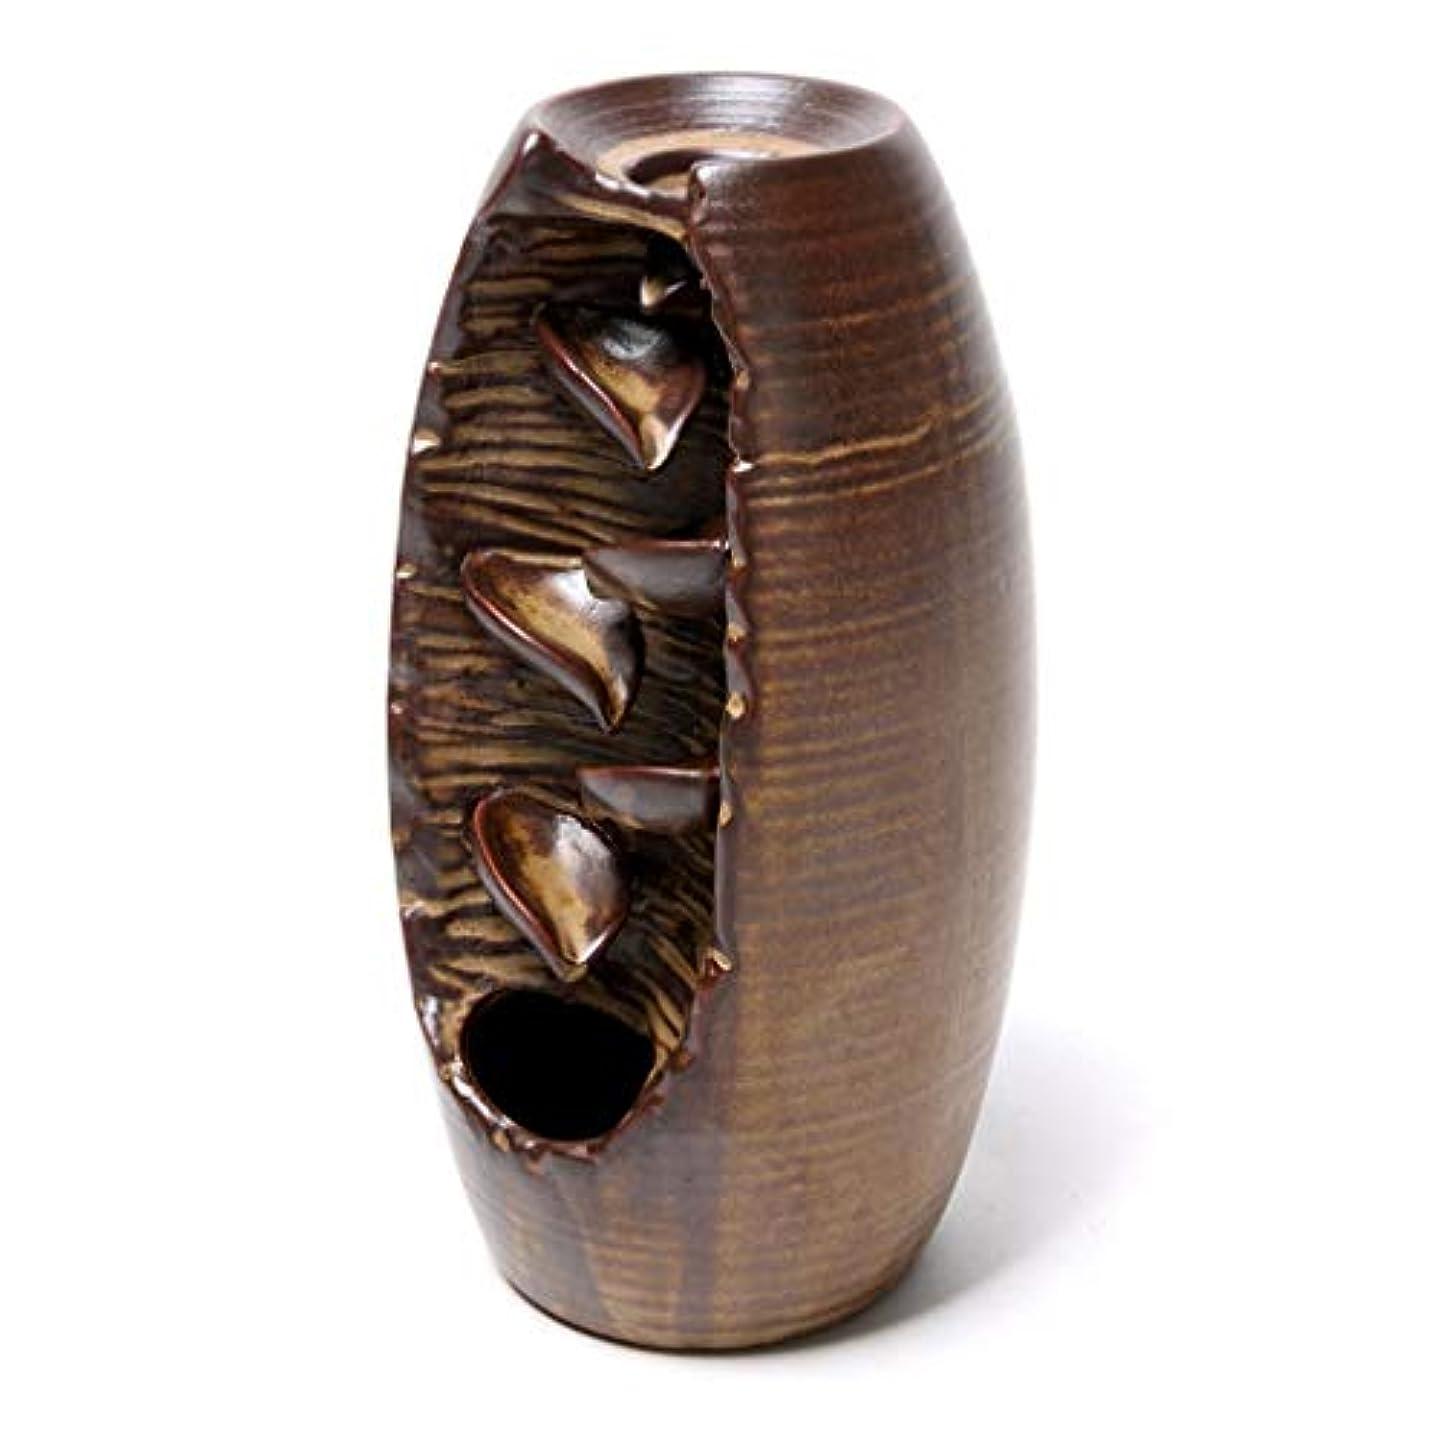 写真を撮る固体何セラミック逆流香炉逆流香ホルダーホームセラミックオフィス香コーンホルダーバーナーアロマセラピー炉 (Color : Brown, サイズ : 3.54*8.07 inches)